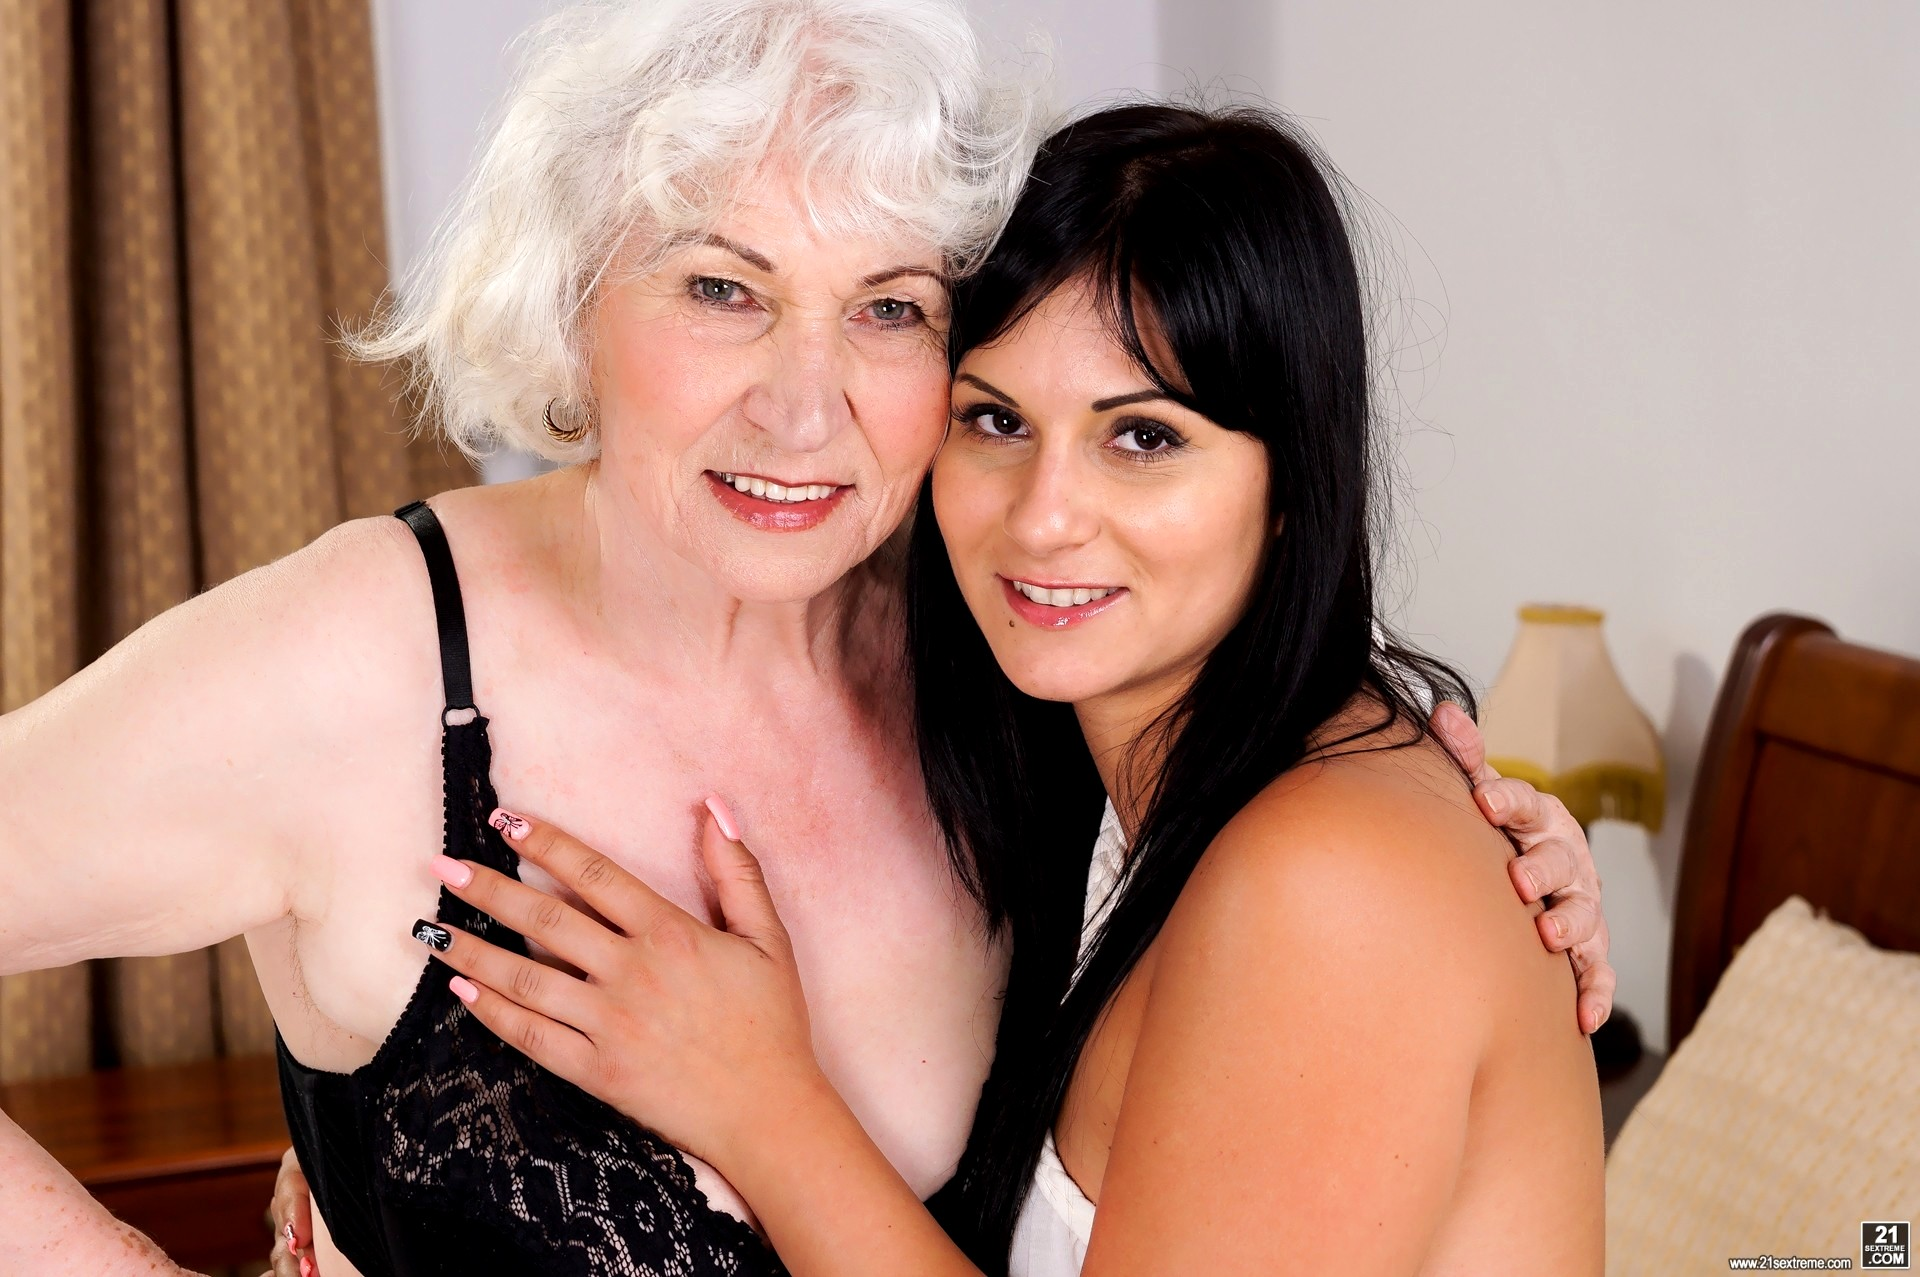 Babe Today 21 Sextreme Norma Naomie Ok Granny Vr Mobi -7576